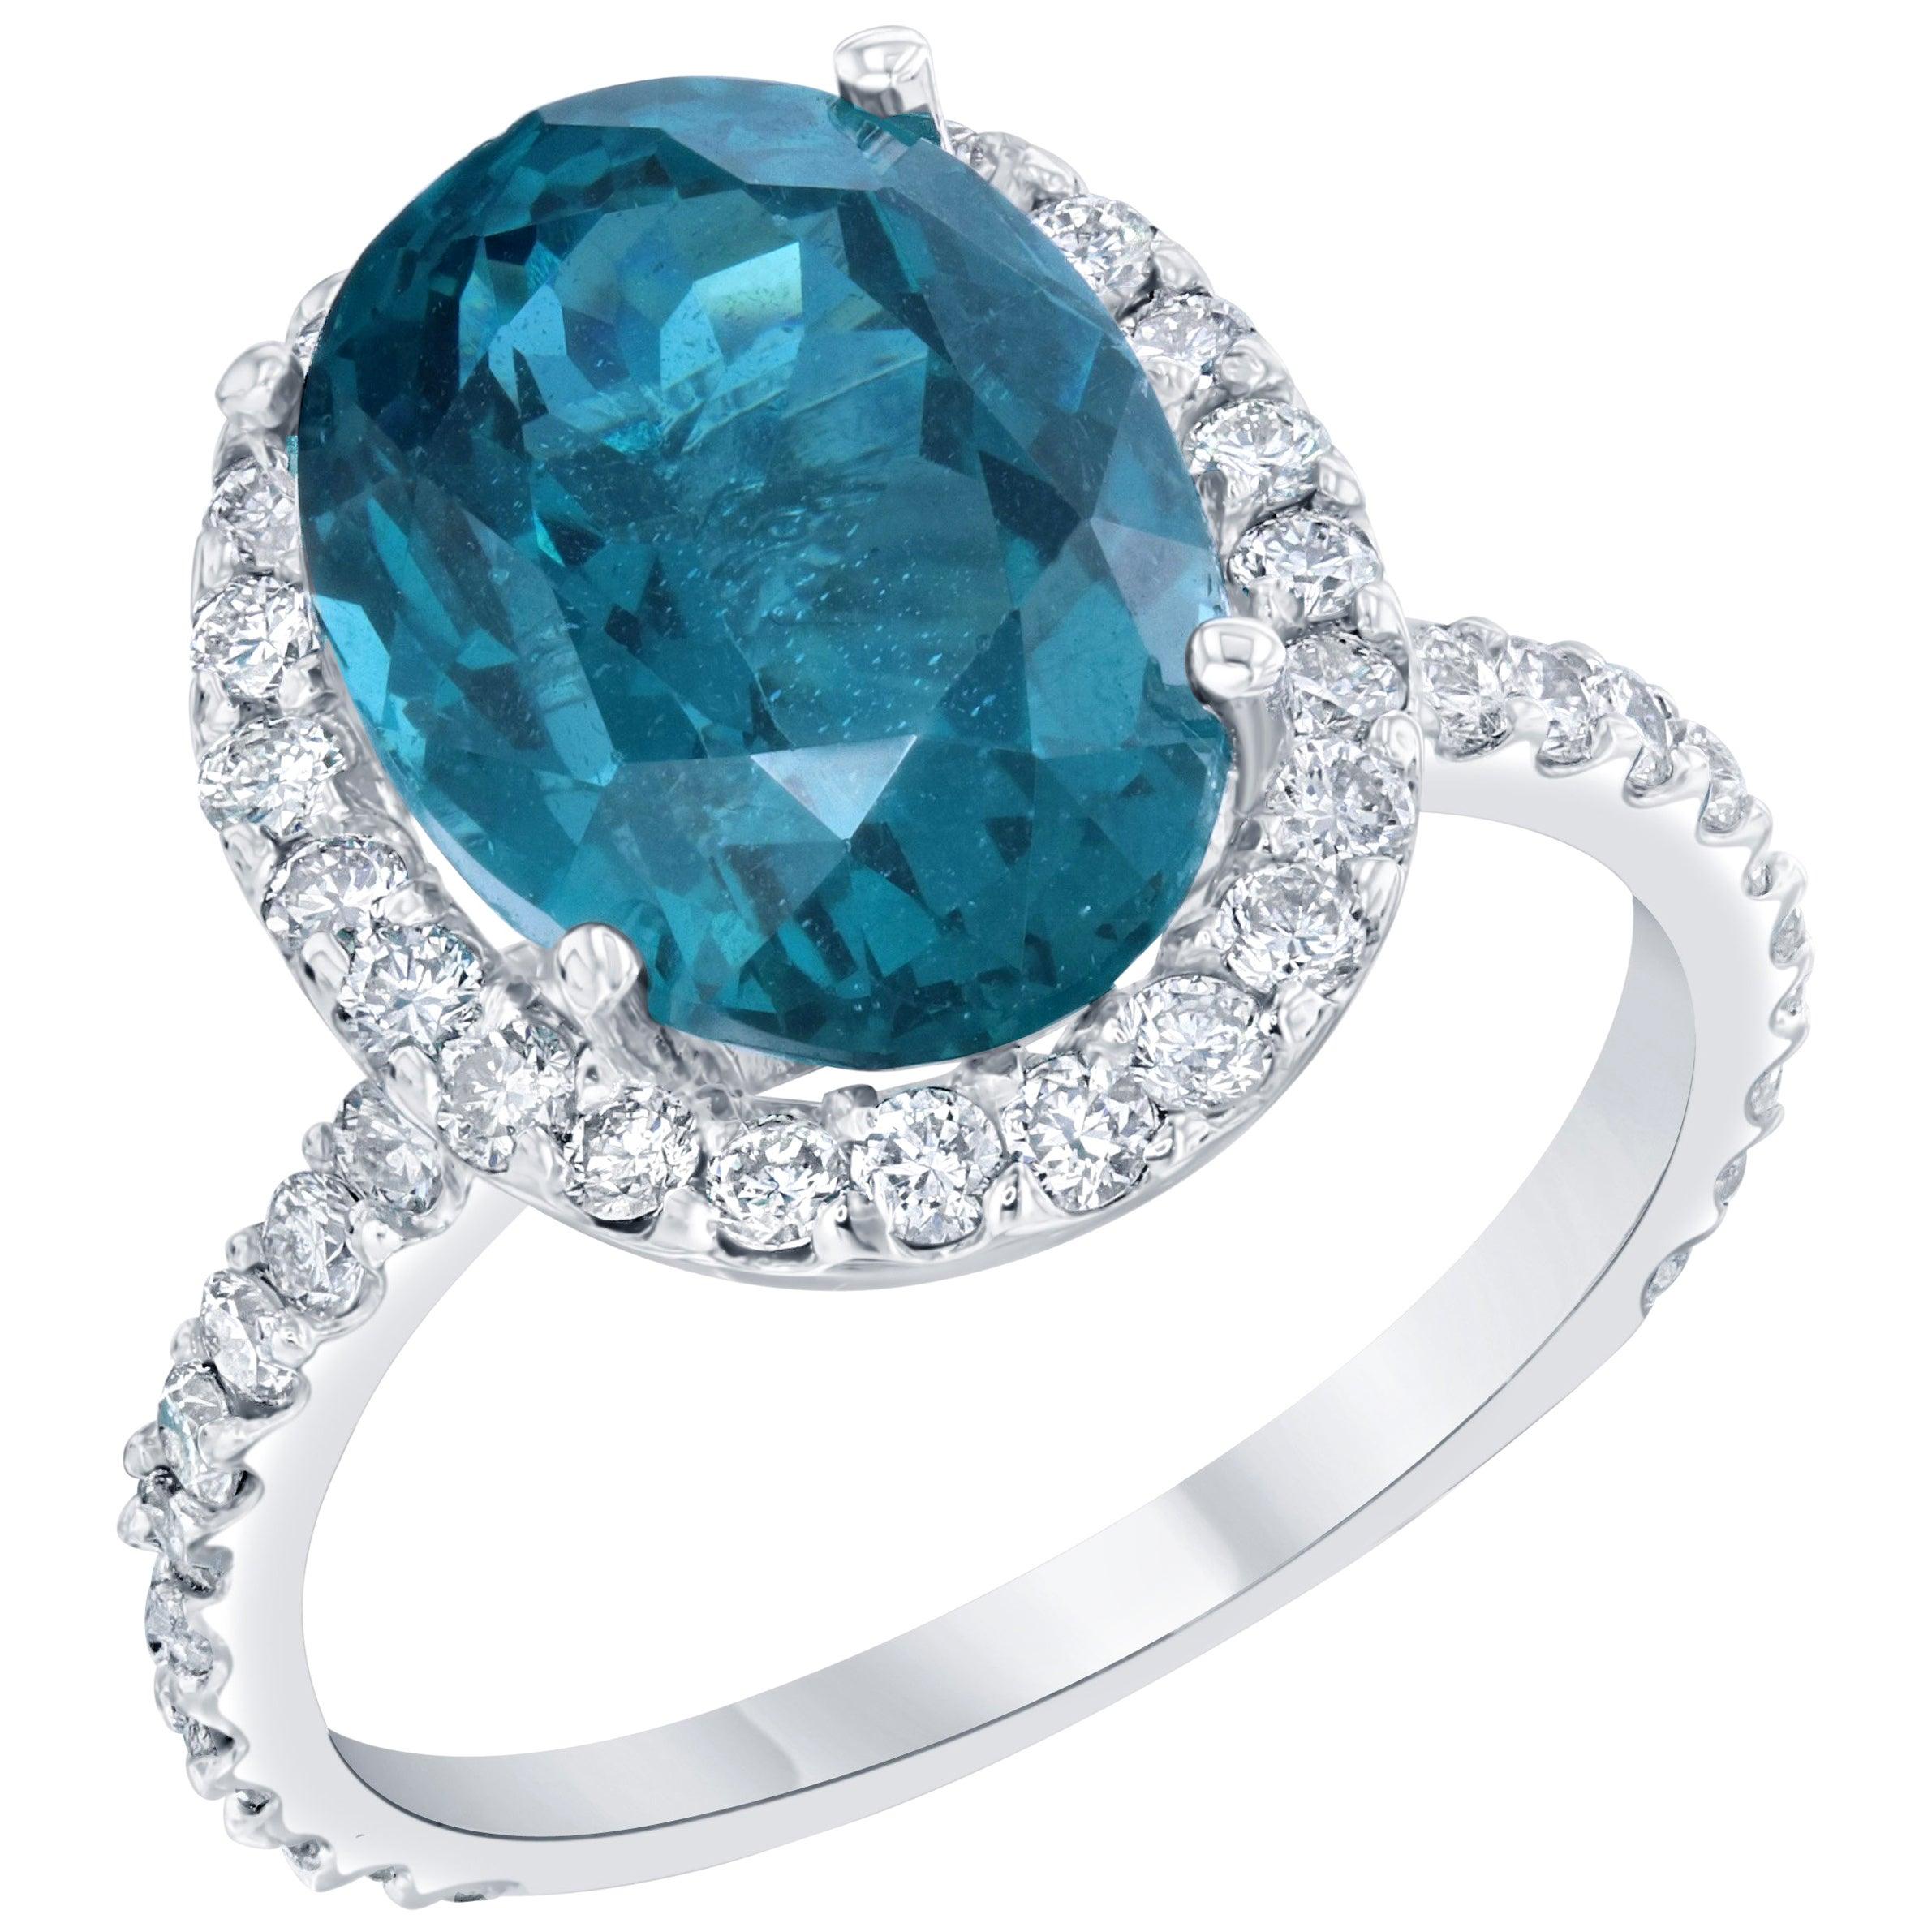 6.95 Carat Apatite Diamond 14 Karat White Gold Halo Engagement Ring